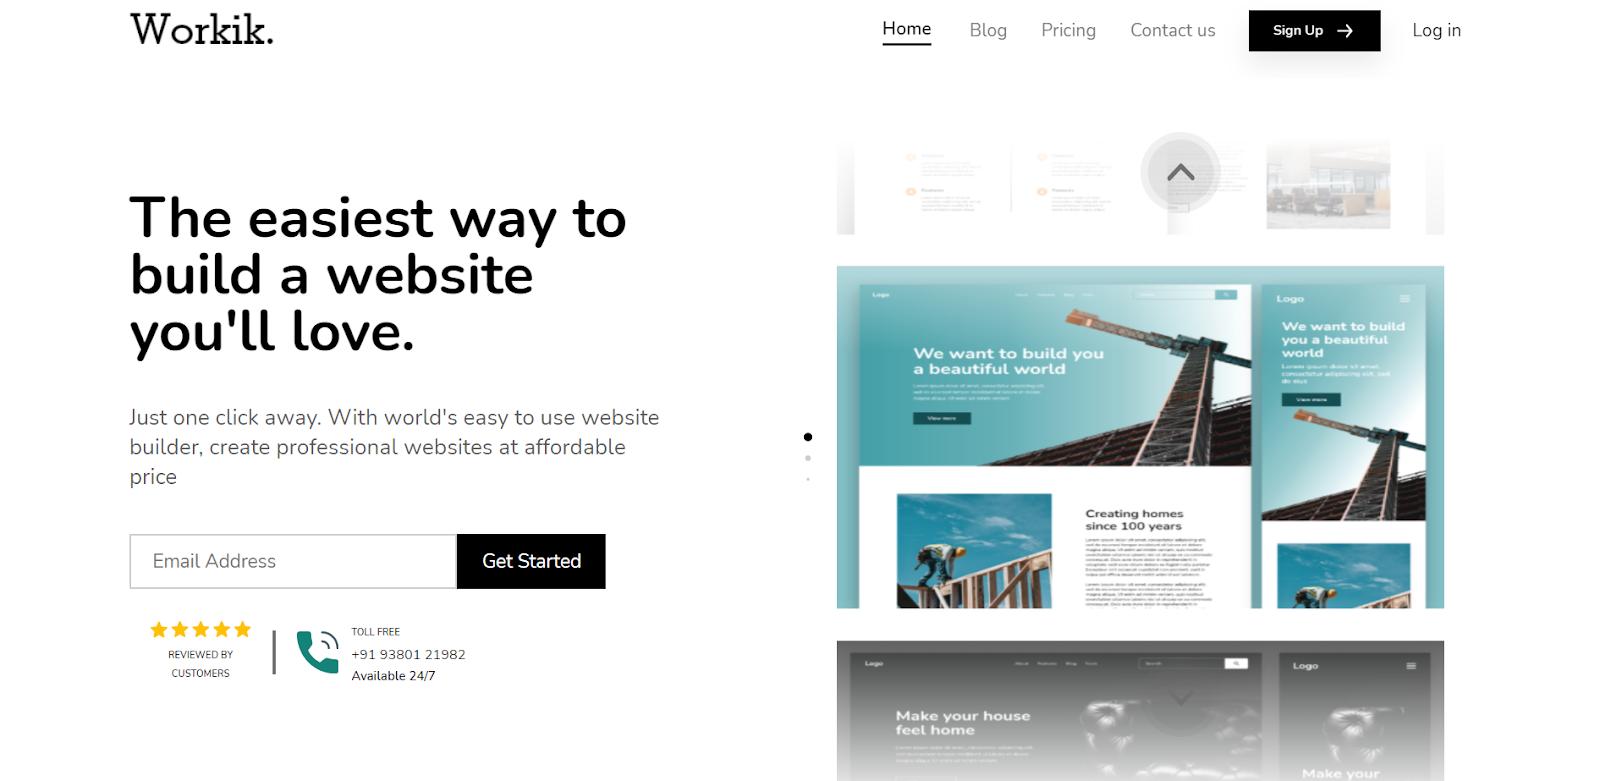 Workik website builder homepage